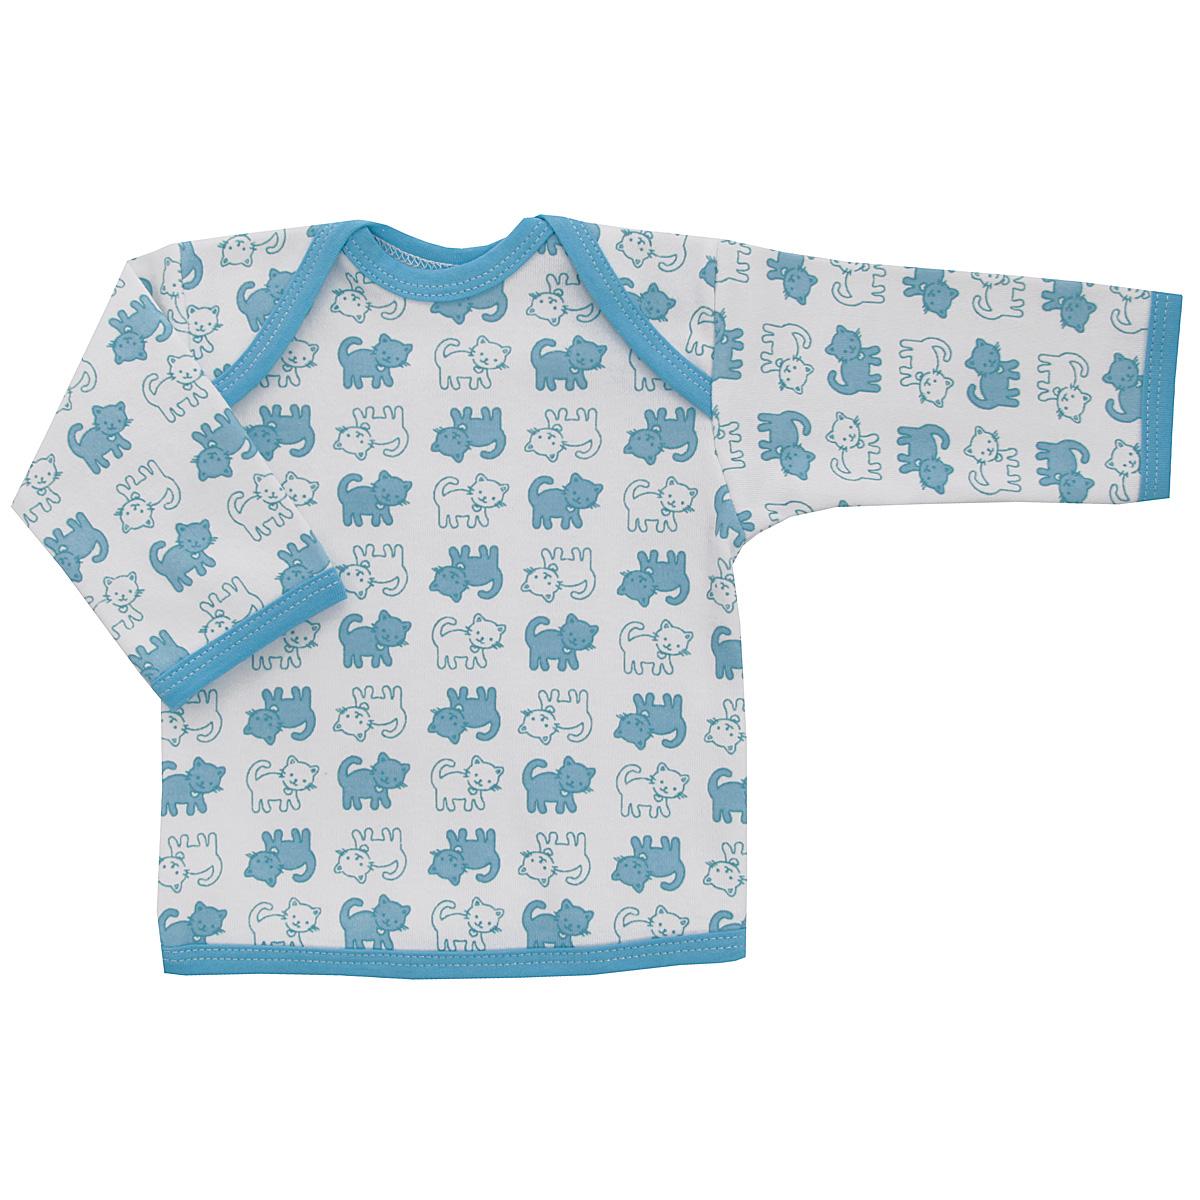 Футболка с длинным рукавом детская Трон-плюс, цвет: белый, голубой. 5611_котенок. Размер 74, 9 месяцев5611_котенокУдобная детская футболка Трон-плюс с длинными рукавами послужит идеальным дополнением к гардеробу вашего ребенка, обеспечивая ему наибольший комфорт. Изготовленная из интерлока - натурального хлопка, она необычайно мягкая и легкая, не раздражает нежную кожу ребенка и хорошо вентилируется, а эластичные швы приятны телу ребенка и не препятствуют его движениям. Удобные запахи на плечах помогают легко переодеть младенца. Горловина, низ модели и низ рукавов дополнены трикотажной бейкой. Спинка модели незначительно укорочена. Оформлено изделие принтом с изображениями котенка. Футболка полностью соответствует особенностям жизни ребенка в ранний период, не стесняя и не ограничивая его в движениях.